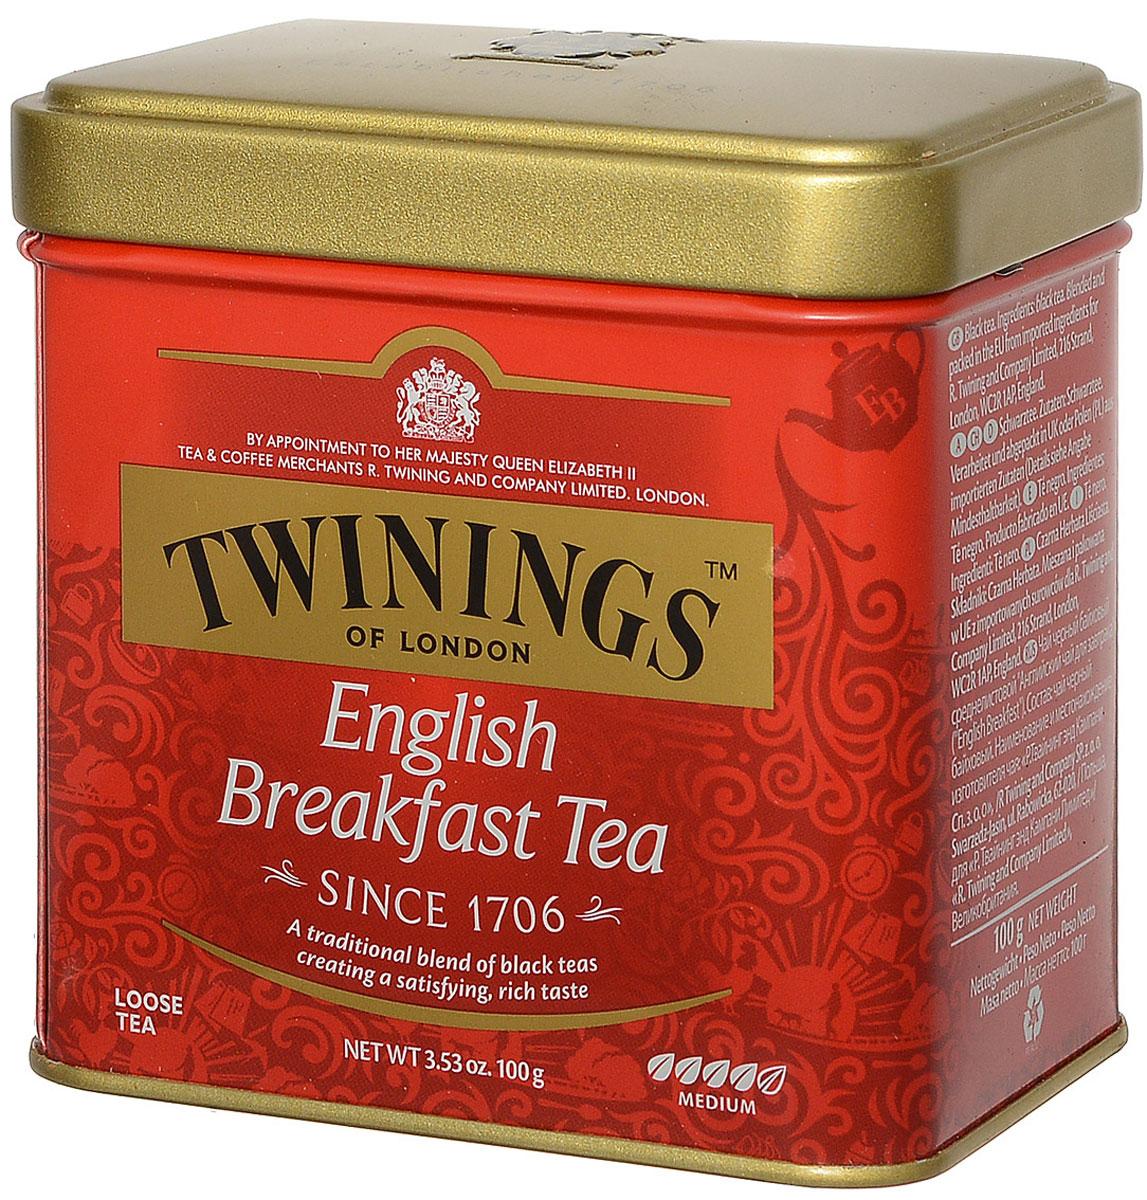 Twinings English Breakfast чай черный, 100 г101246Twinings English Breakfast - крепкий освежающий черный чай среднелистовой. Breakfast - бодрящий напиток с насыщенным вкусом и цветом. Идеально подходит для тех, кому трудно просыпаться по утрам. Он хорошо сочетается с молоком или лимоном.